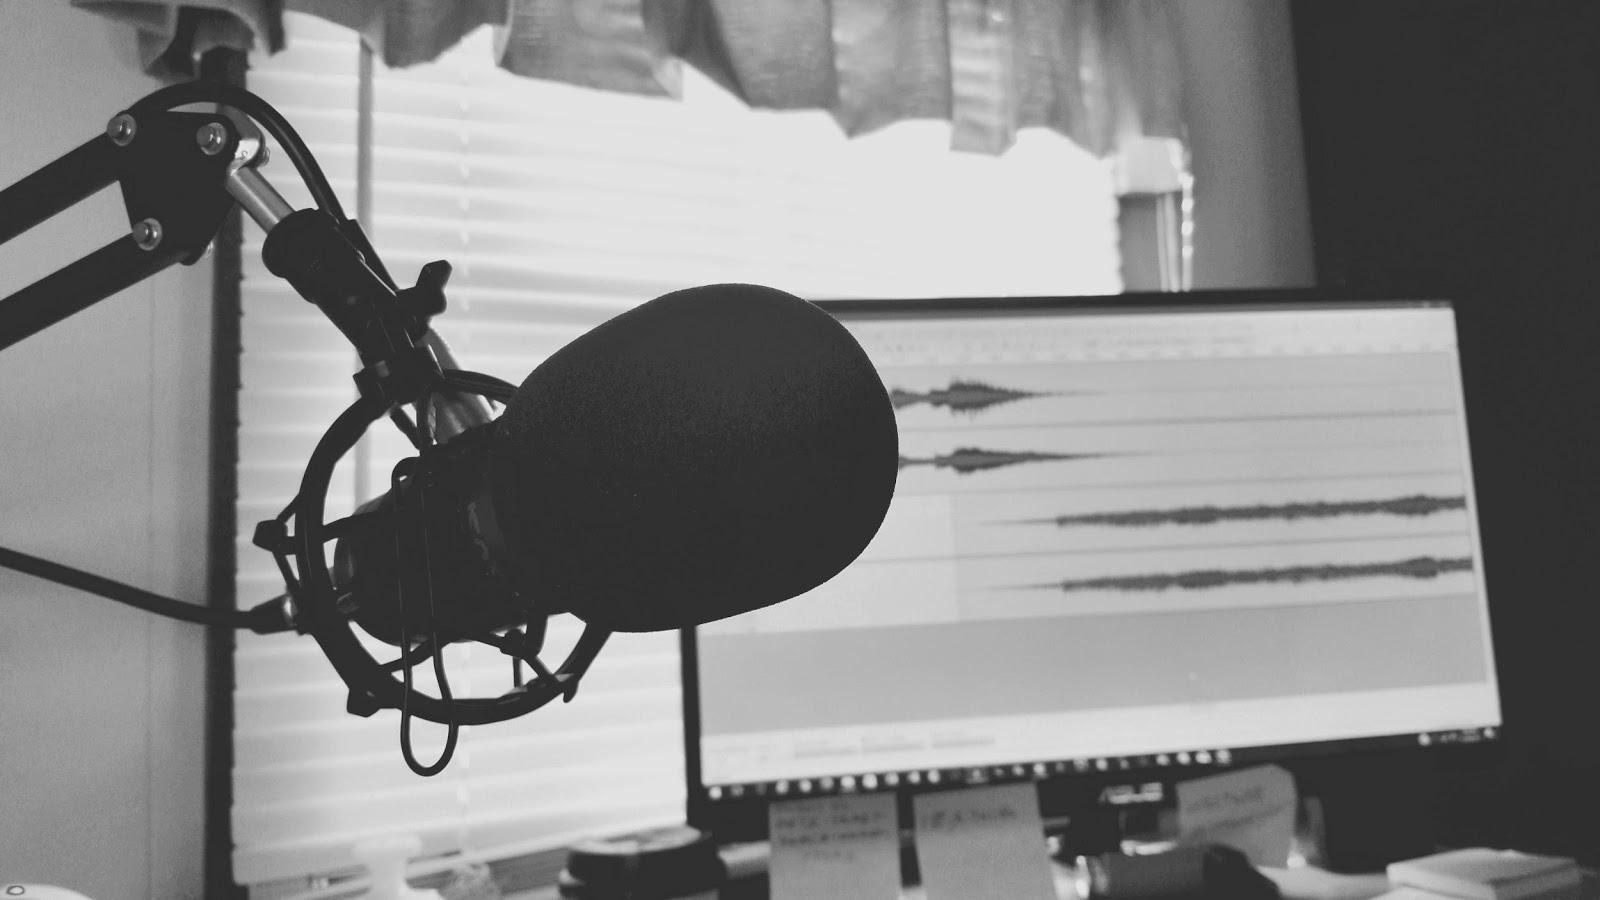 Conheça o melhor tipo de microfone para gravar podcast de casa